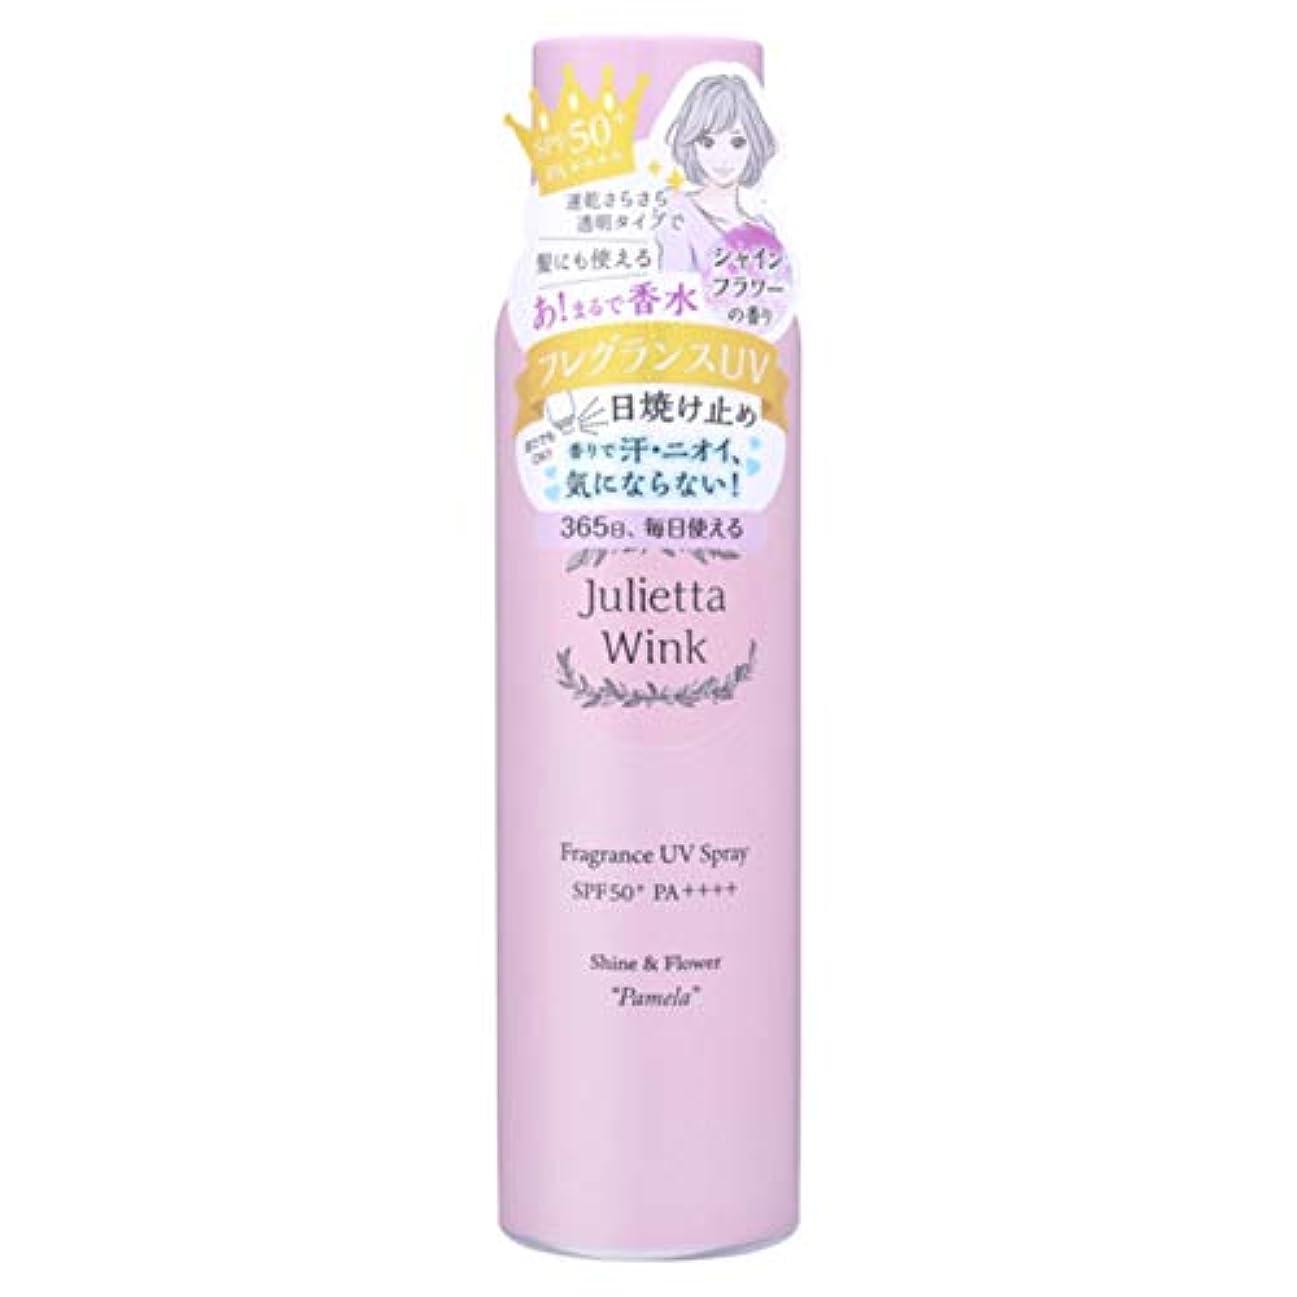 伝染病ジャベスウィルソン不健康ジュリエッタウィンク フレグランス UVスプレー[パメラ]100g シャインフラワーの香り(ピンク)